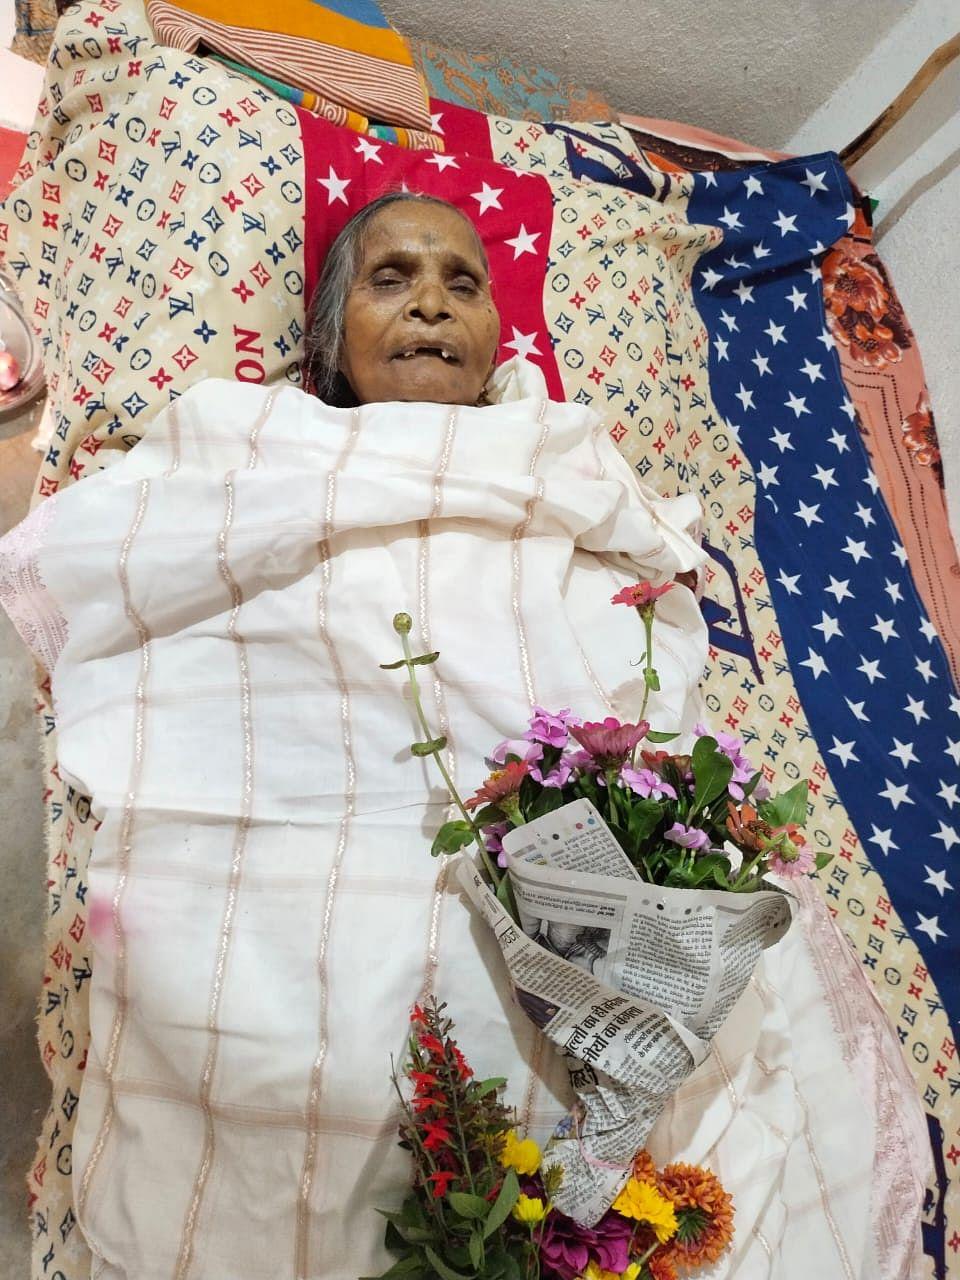 परमवीर चक्र विजेता  अल्बर्ट एक्का की पत्नी बलमदीना एक्का  का निधन